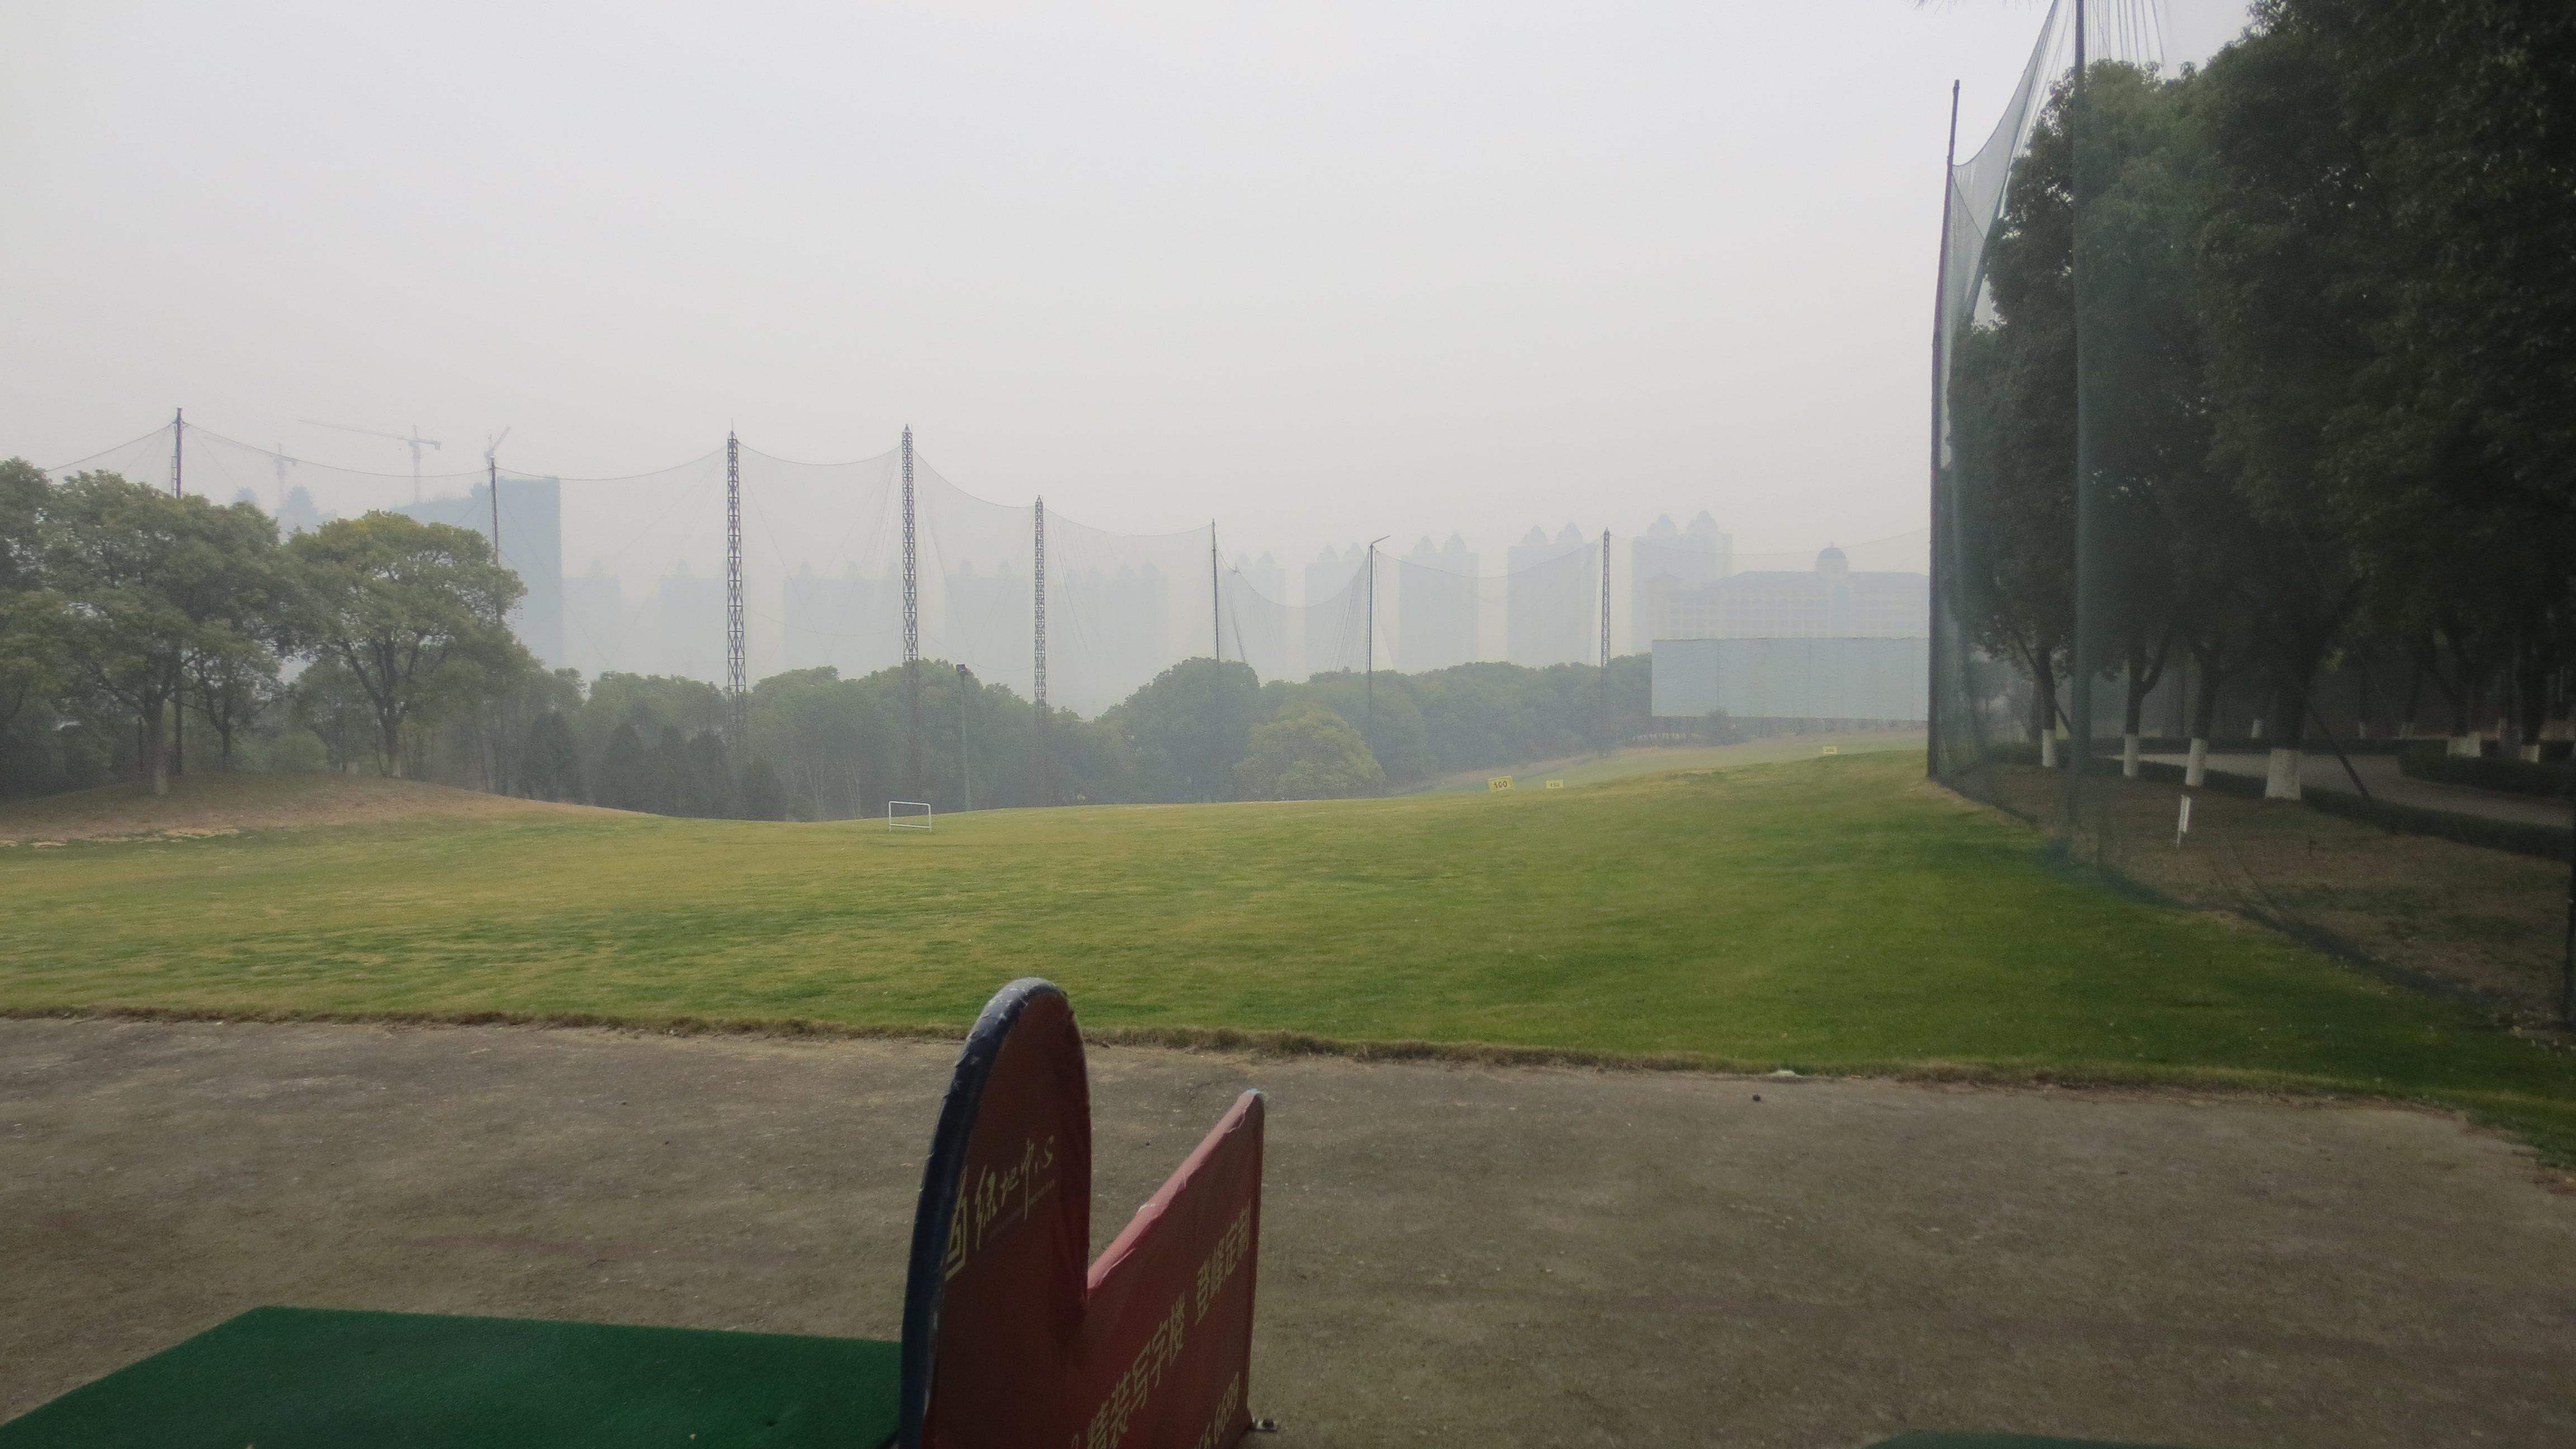 翠林高尔夫球场